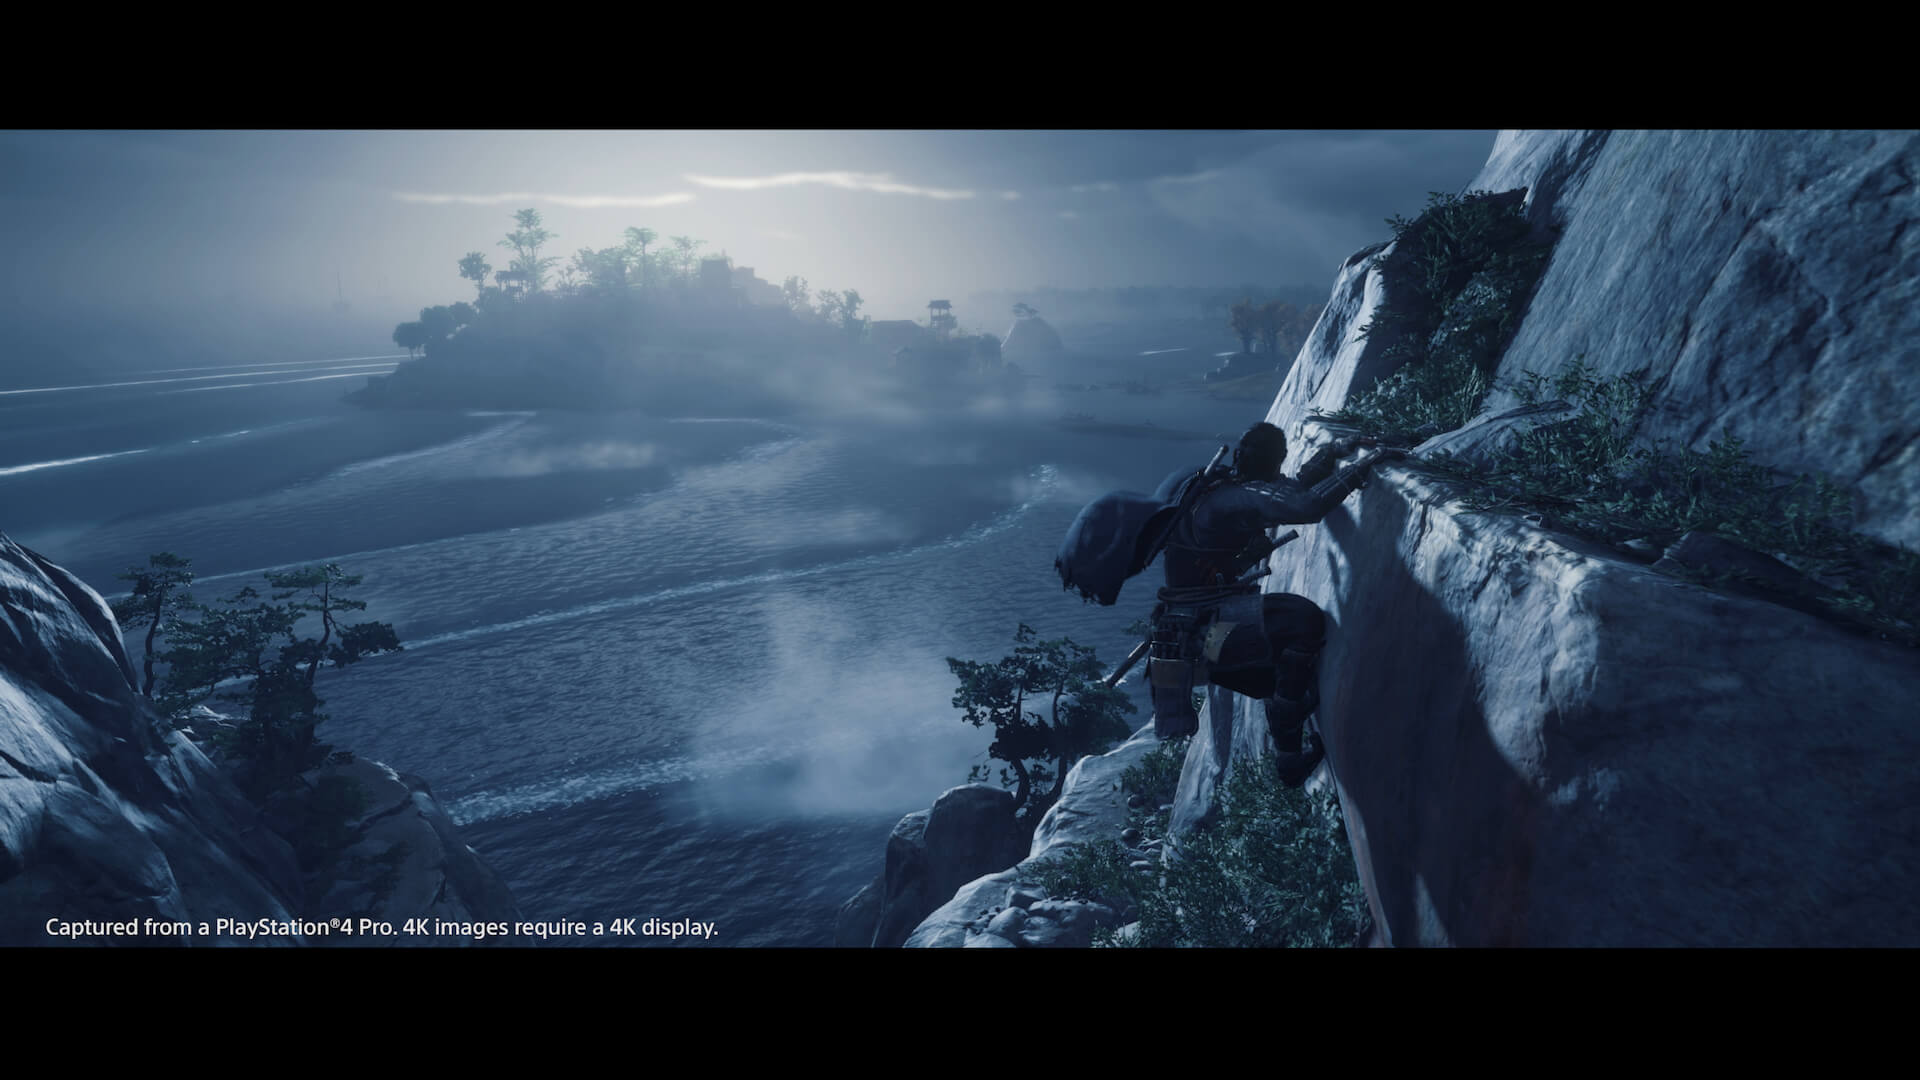 新感覚のオープンワールド時代劇を体感せよ!PS4専用ソフト『Ghost of Tsushima』がついに本日発売 tech200717_ghostoftsushima_13